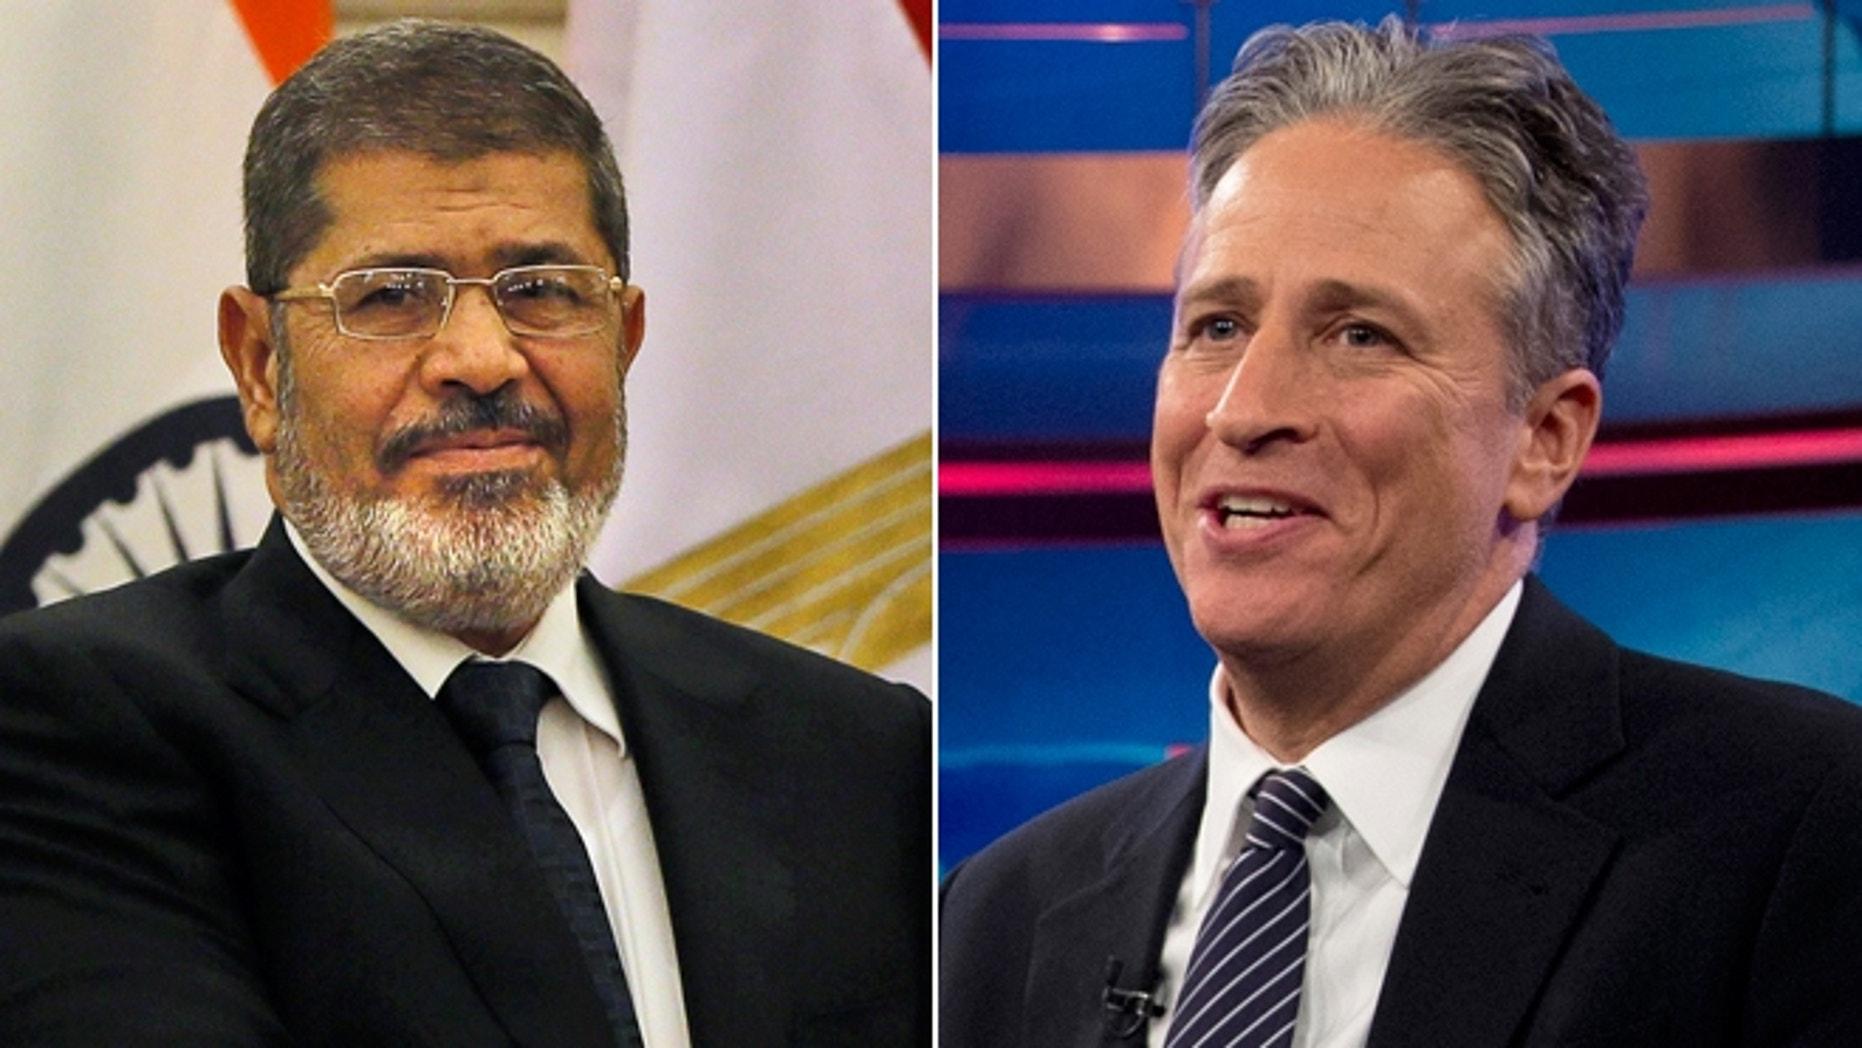 Shown here are Egyptian President Mohammed Morsi, left, and comedian Jon Stewart.